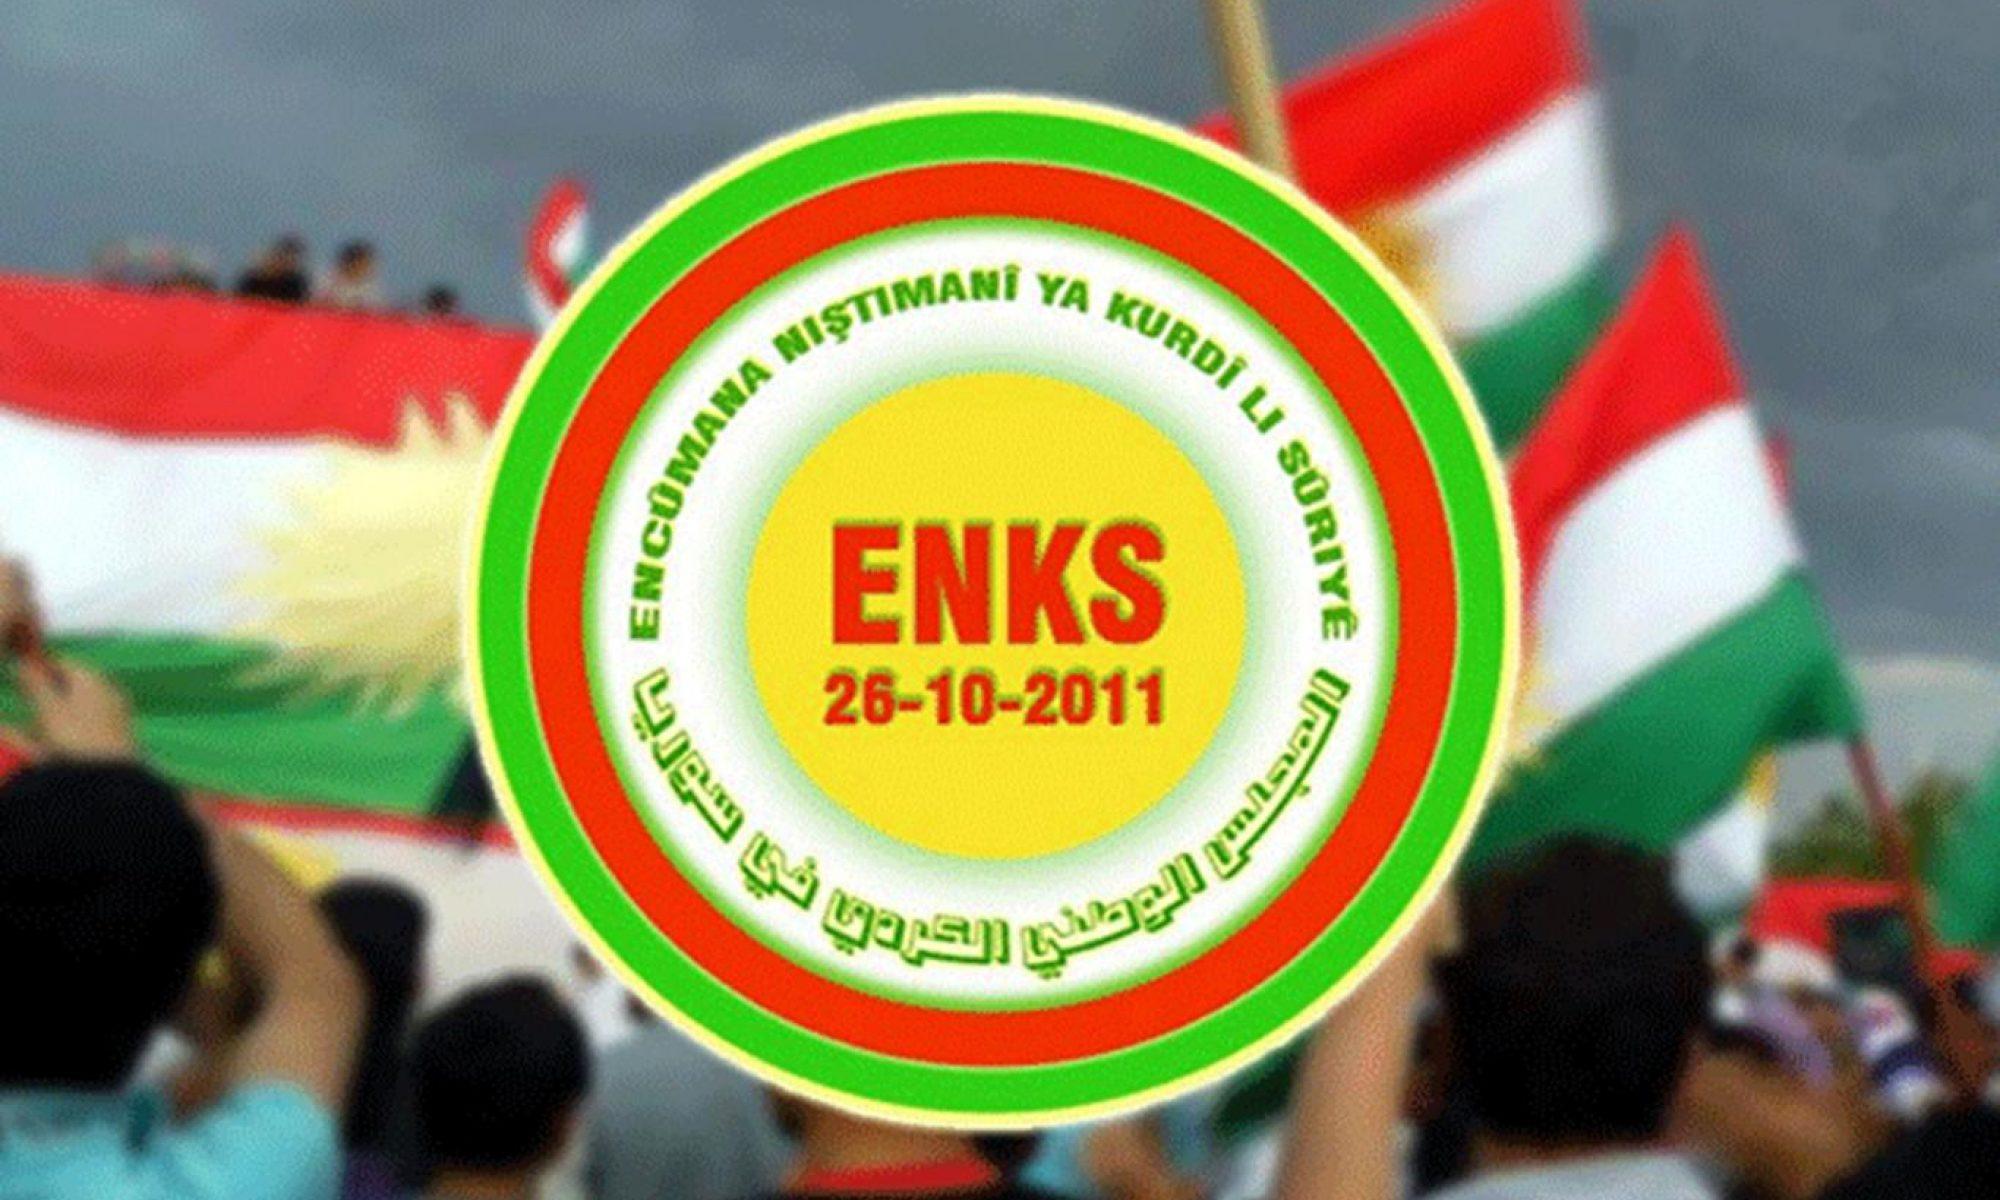 Rêveberê ENKSê: 'Ji ber destwerdana PKKê civînên ENKS û PYNKê rawestiyan'